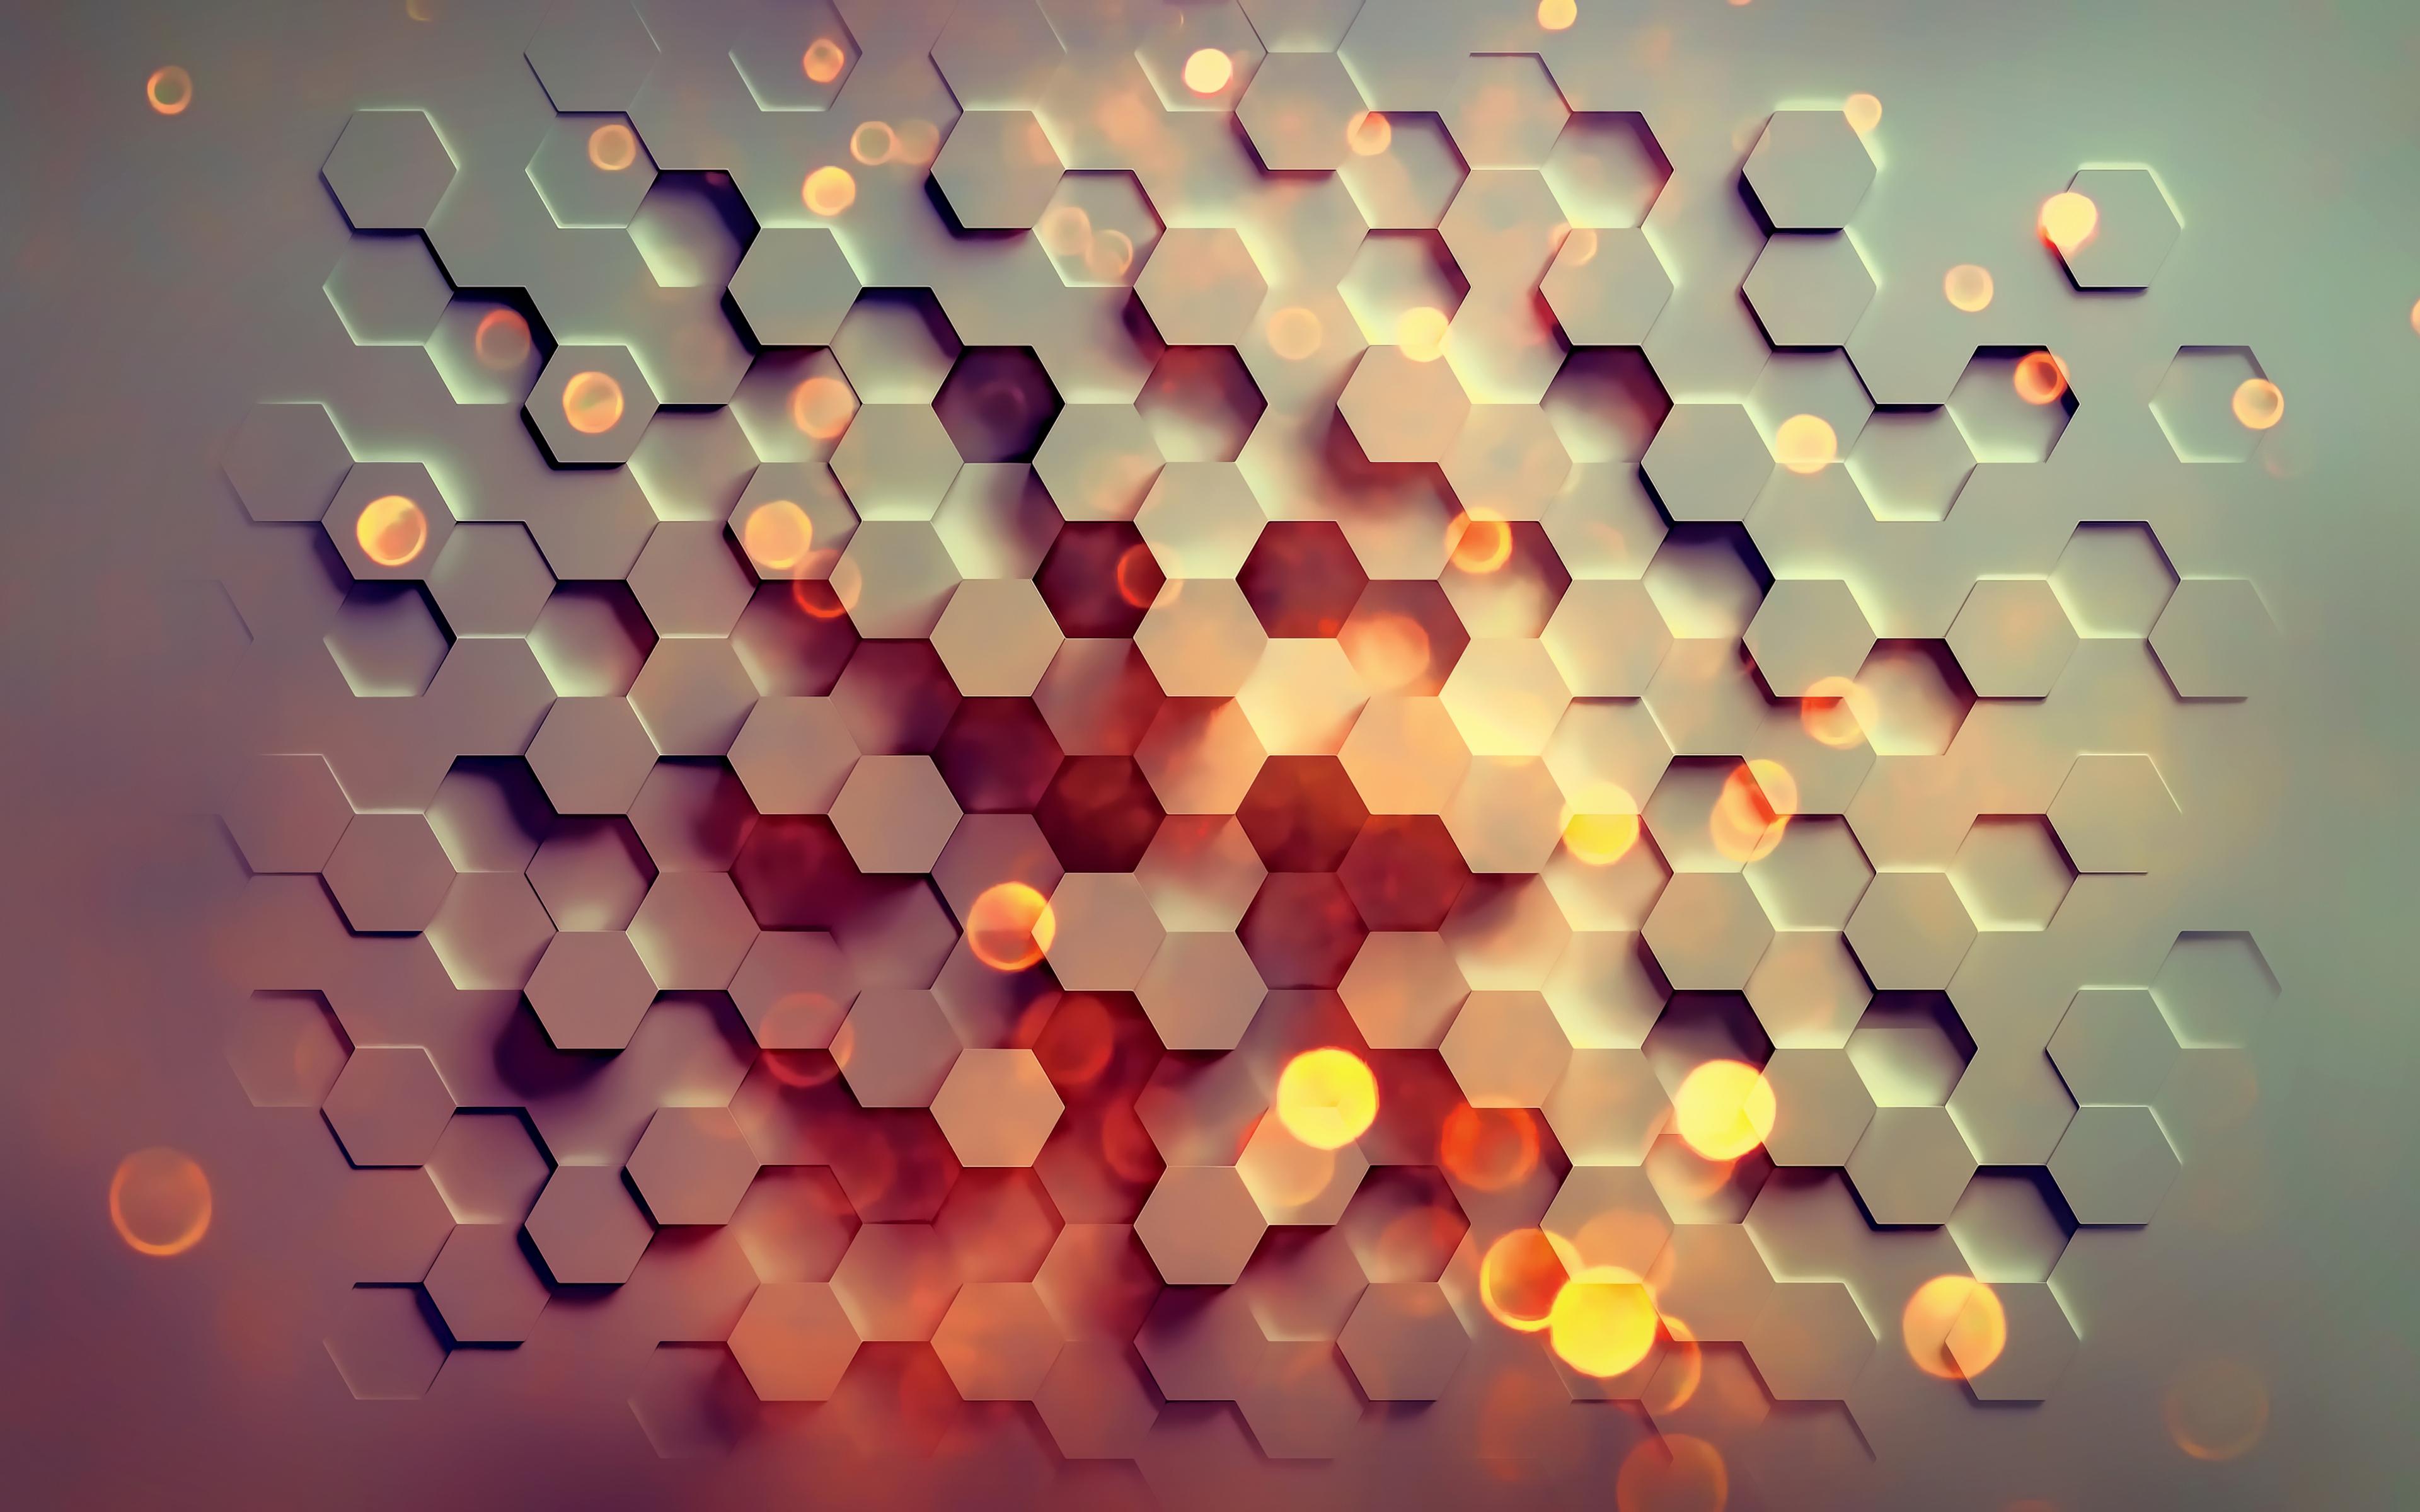 hexagon-4k-98.jpg